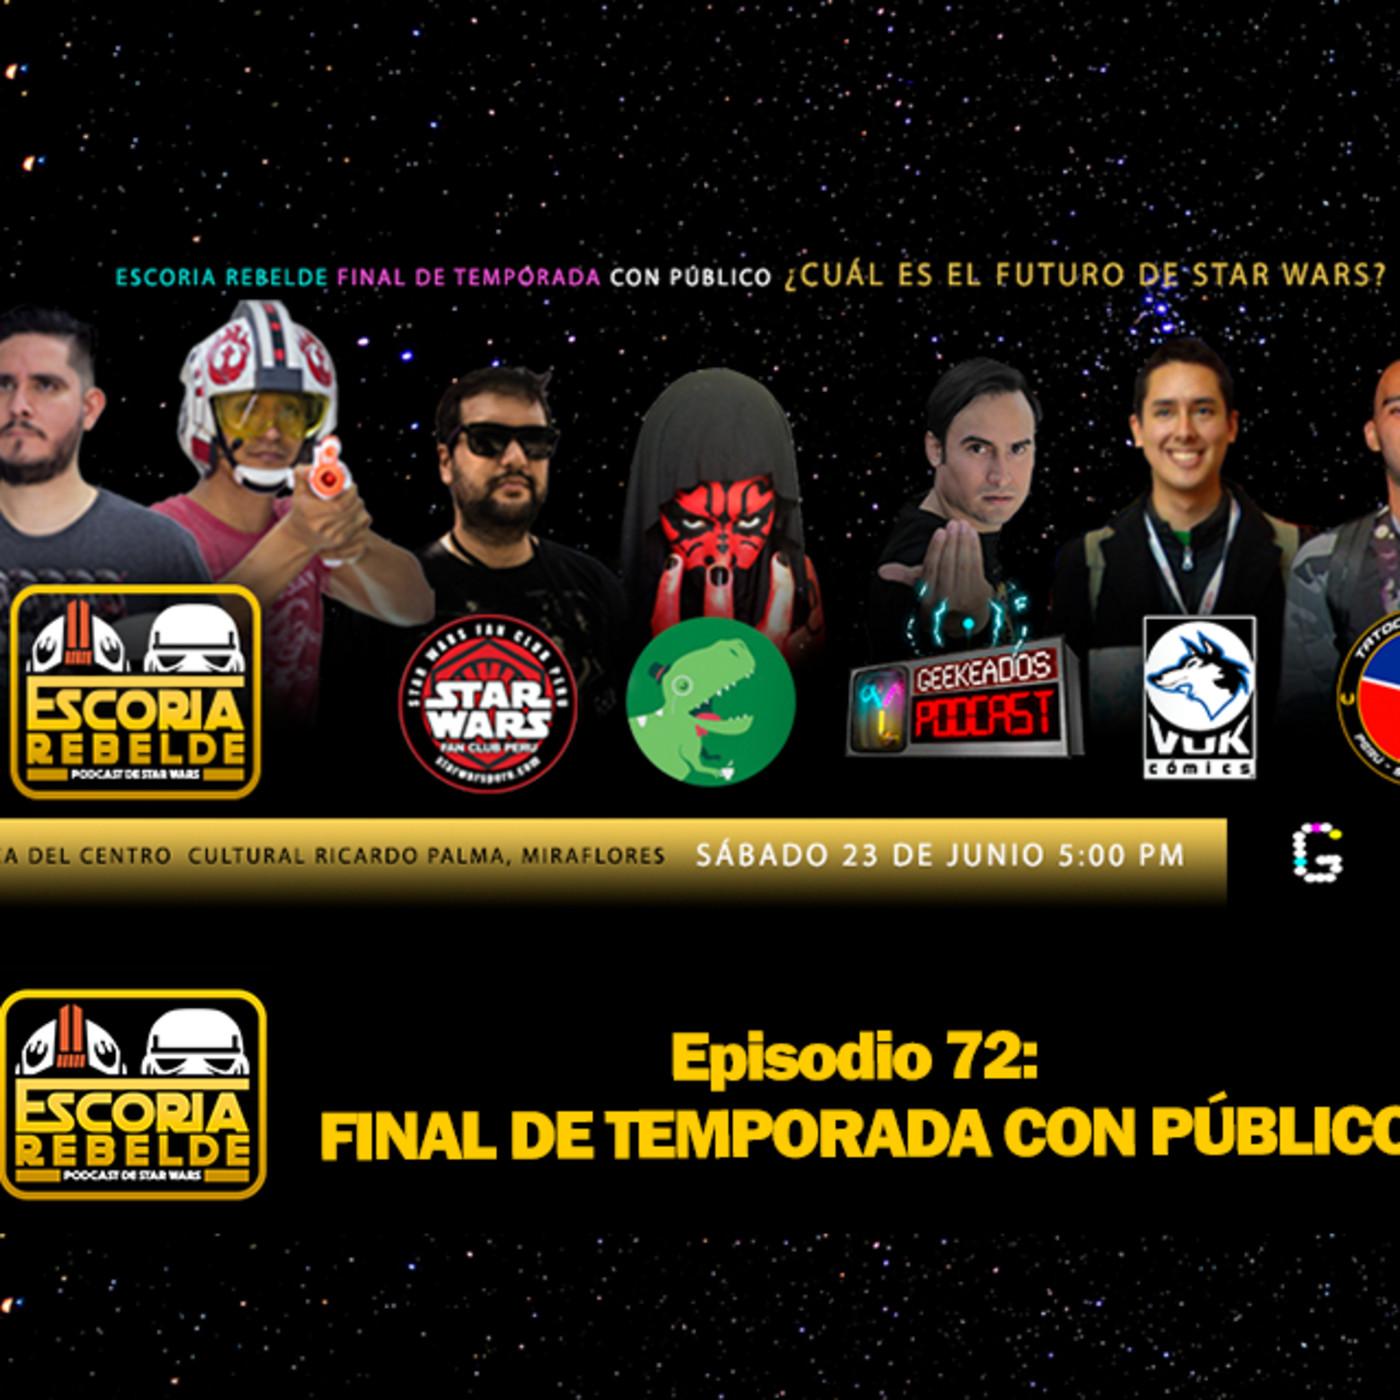 Escoria Rebelde Episodio 72 - FINAL DE TEMPORADA CON PÚBLICO